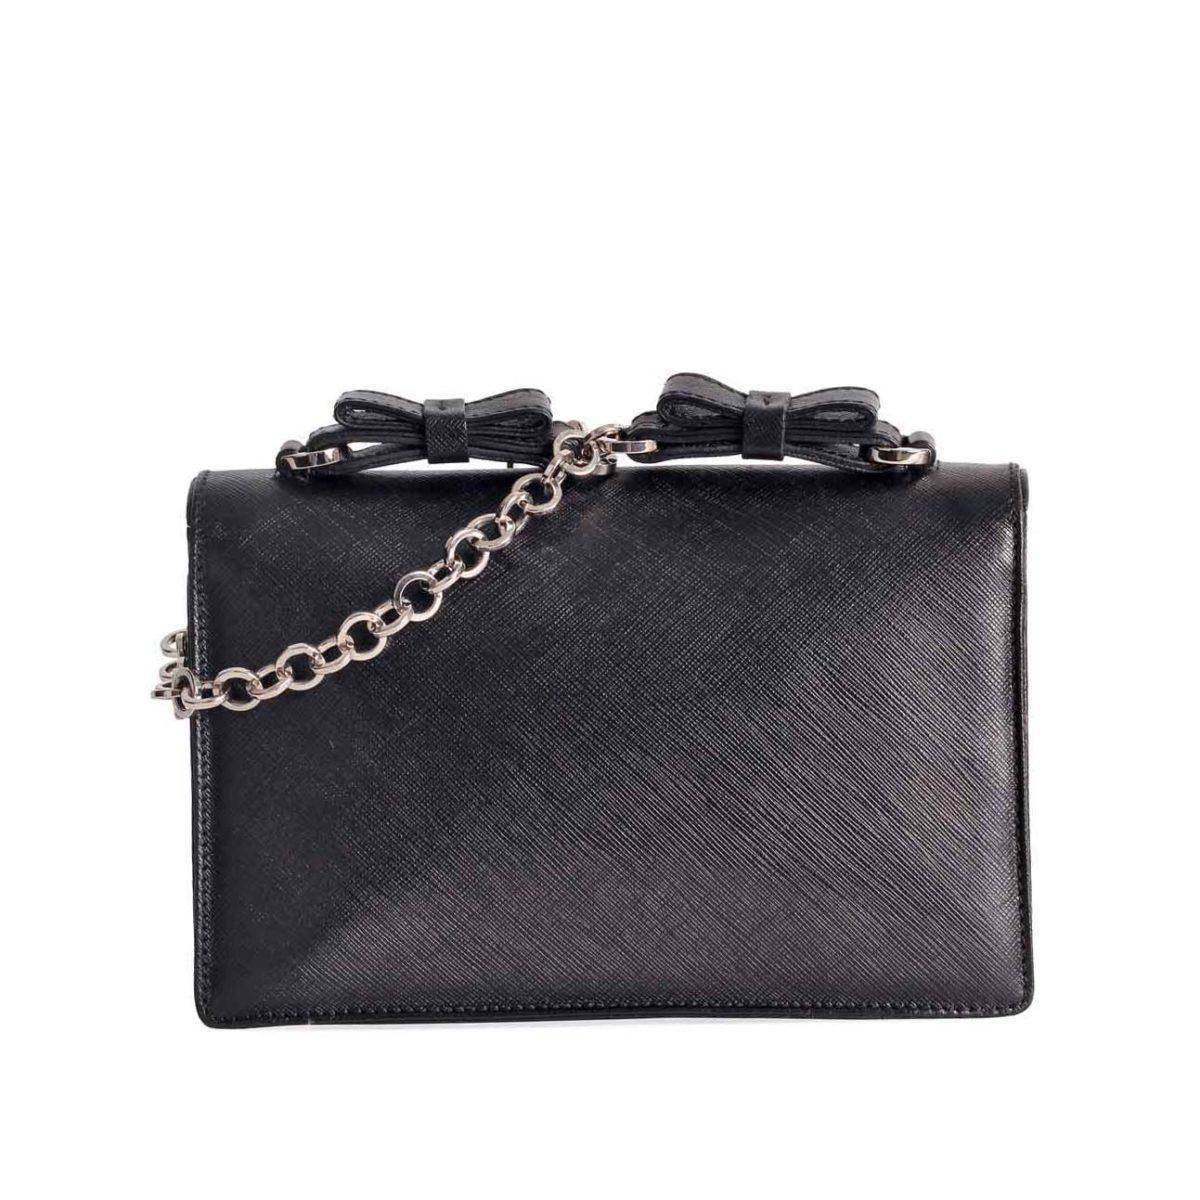 d7775e46900b SALVATORE FERRAGAMO Black Saffiano Leather Chain Link Strap Shoulder ...